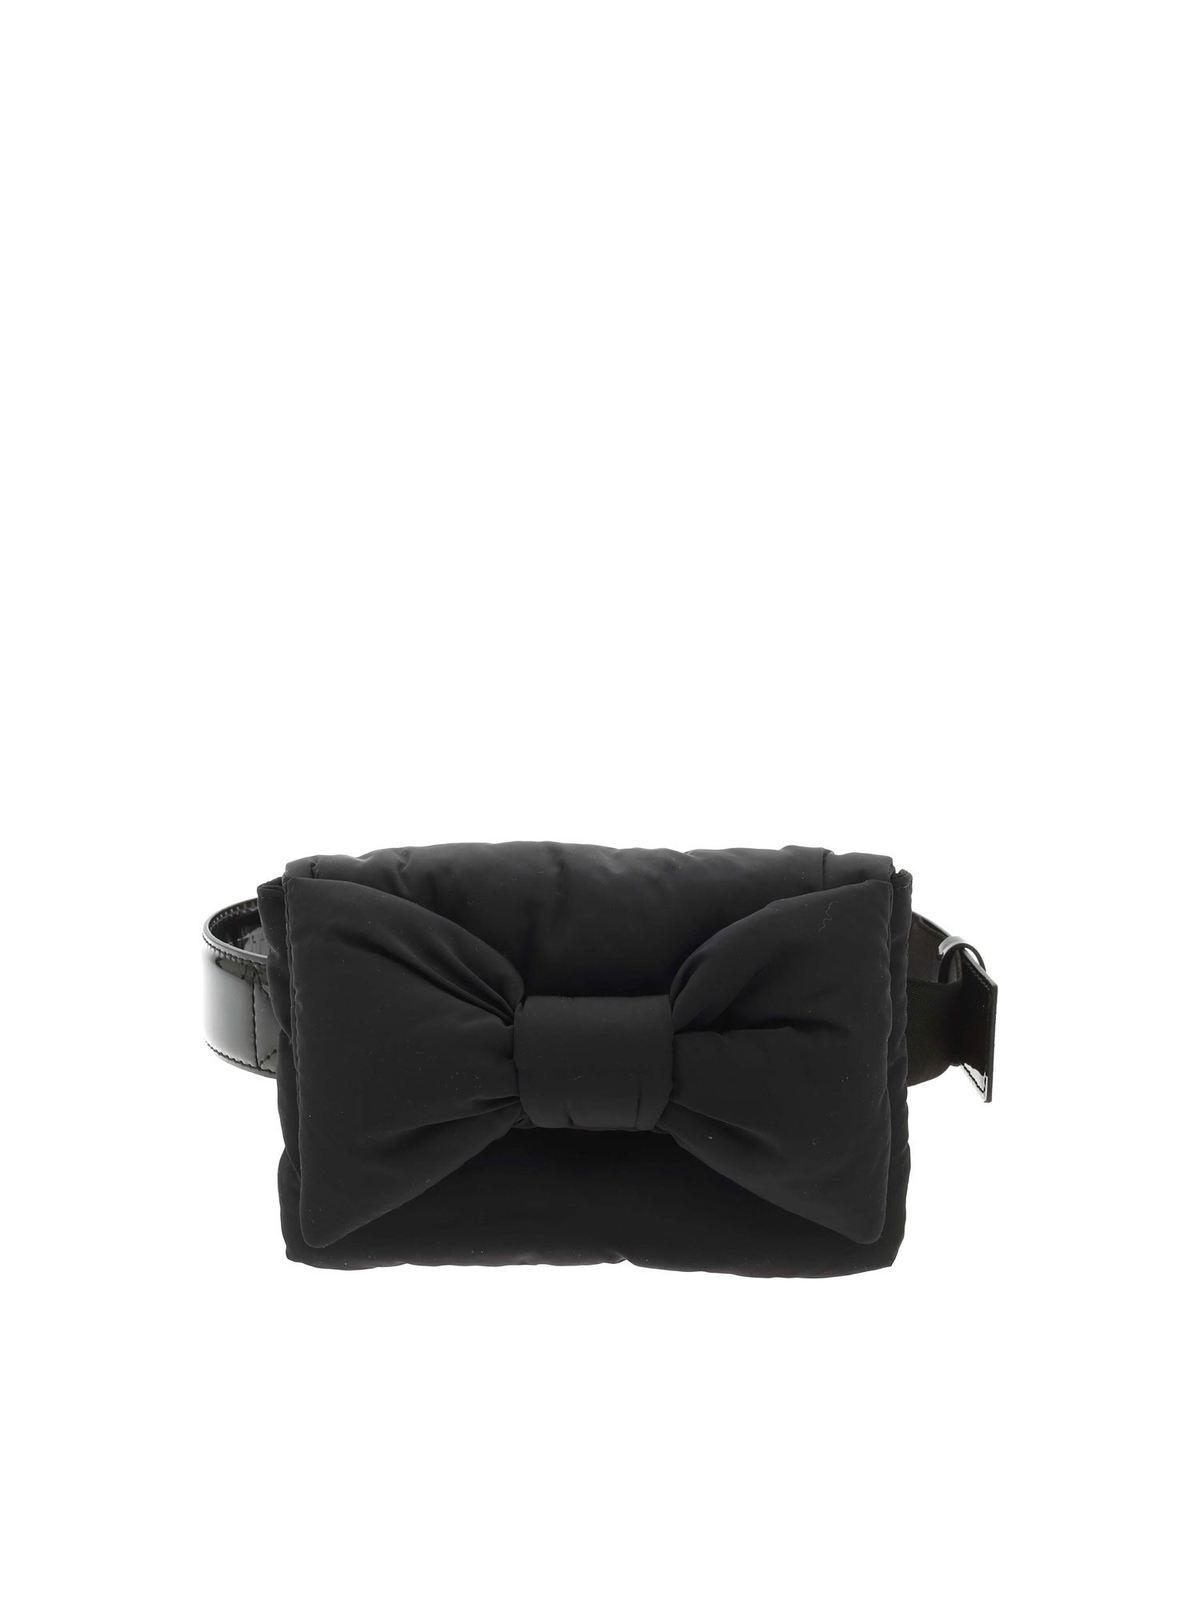 Vivetta BOW BELT BAG IN BLACK